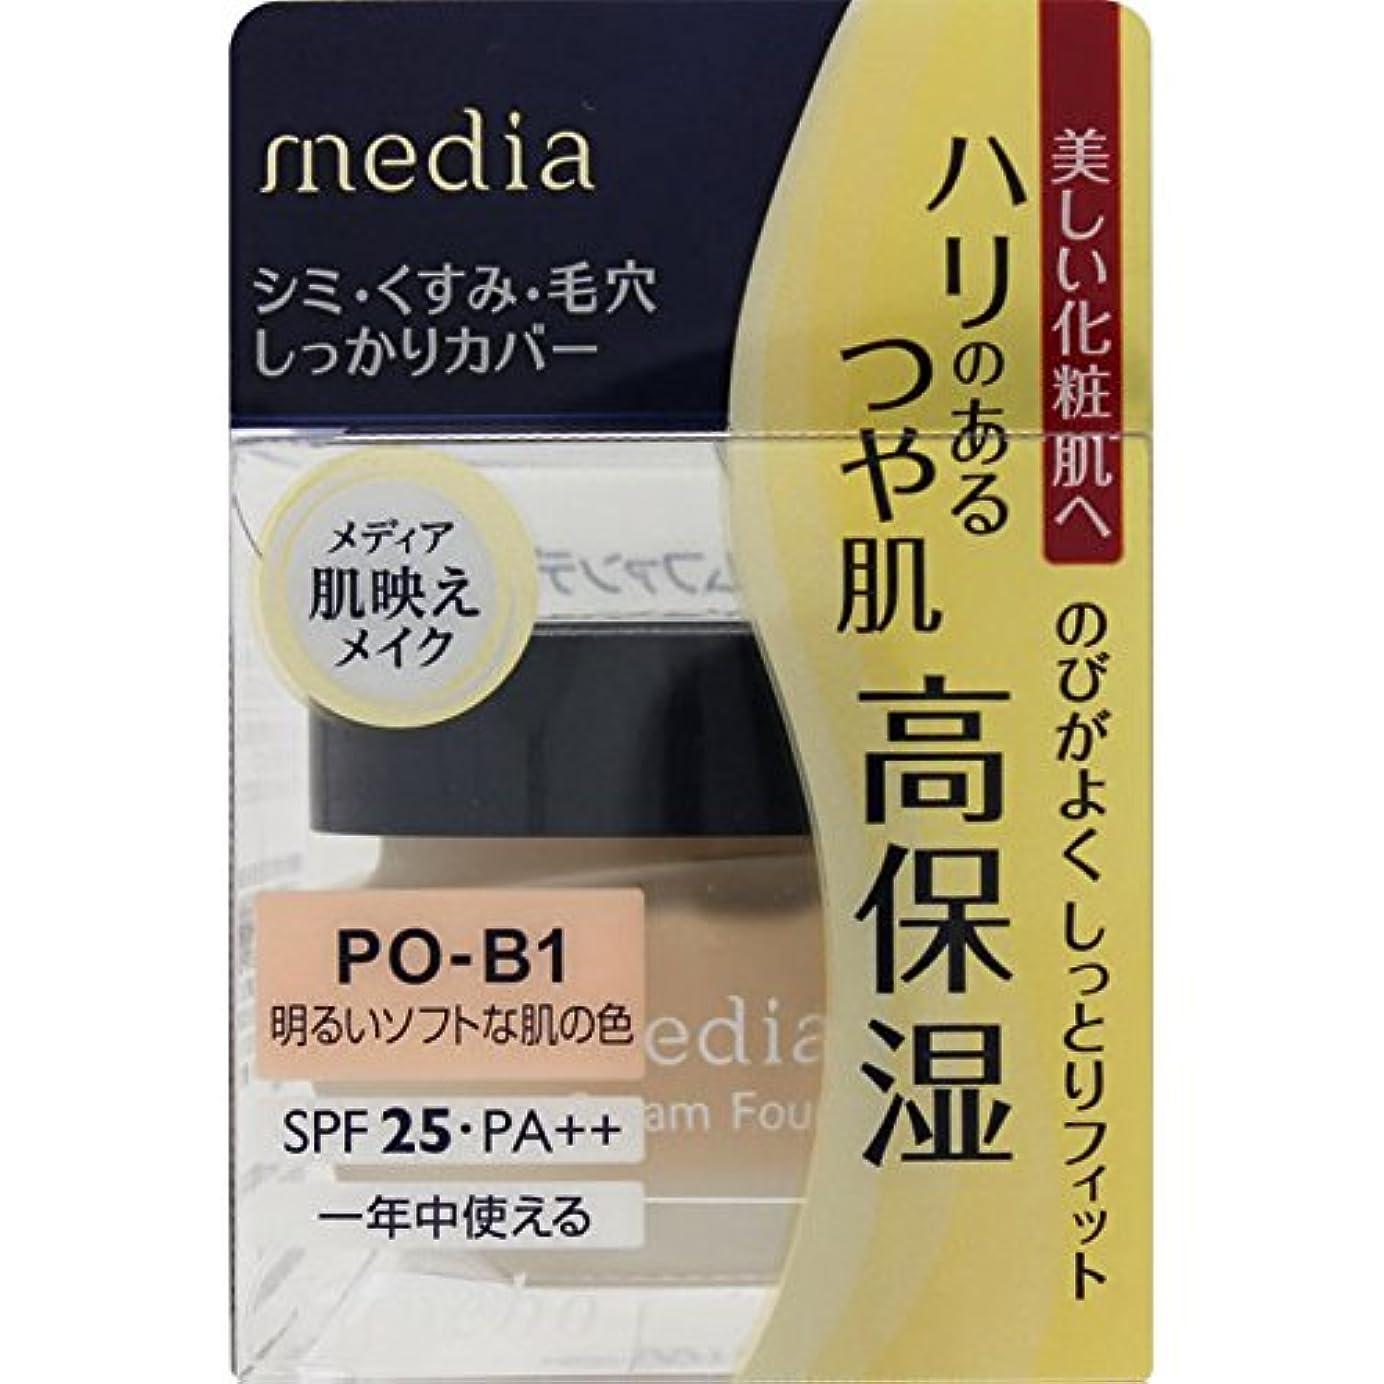 マスタードパターン闇カネボウ化粧品 メディア クリームファンデーション 明るいソフトな肌の色 POーB1